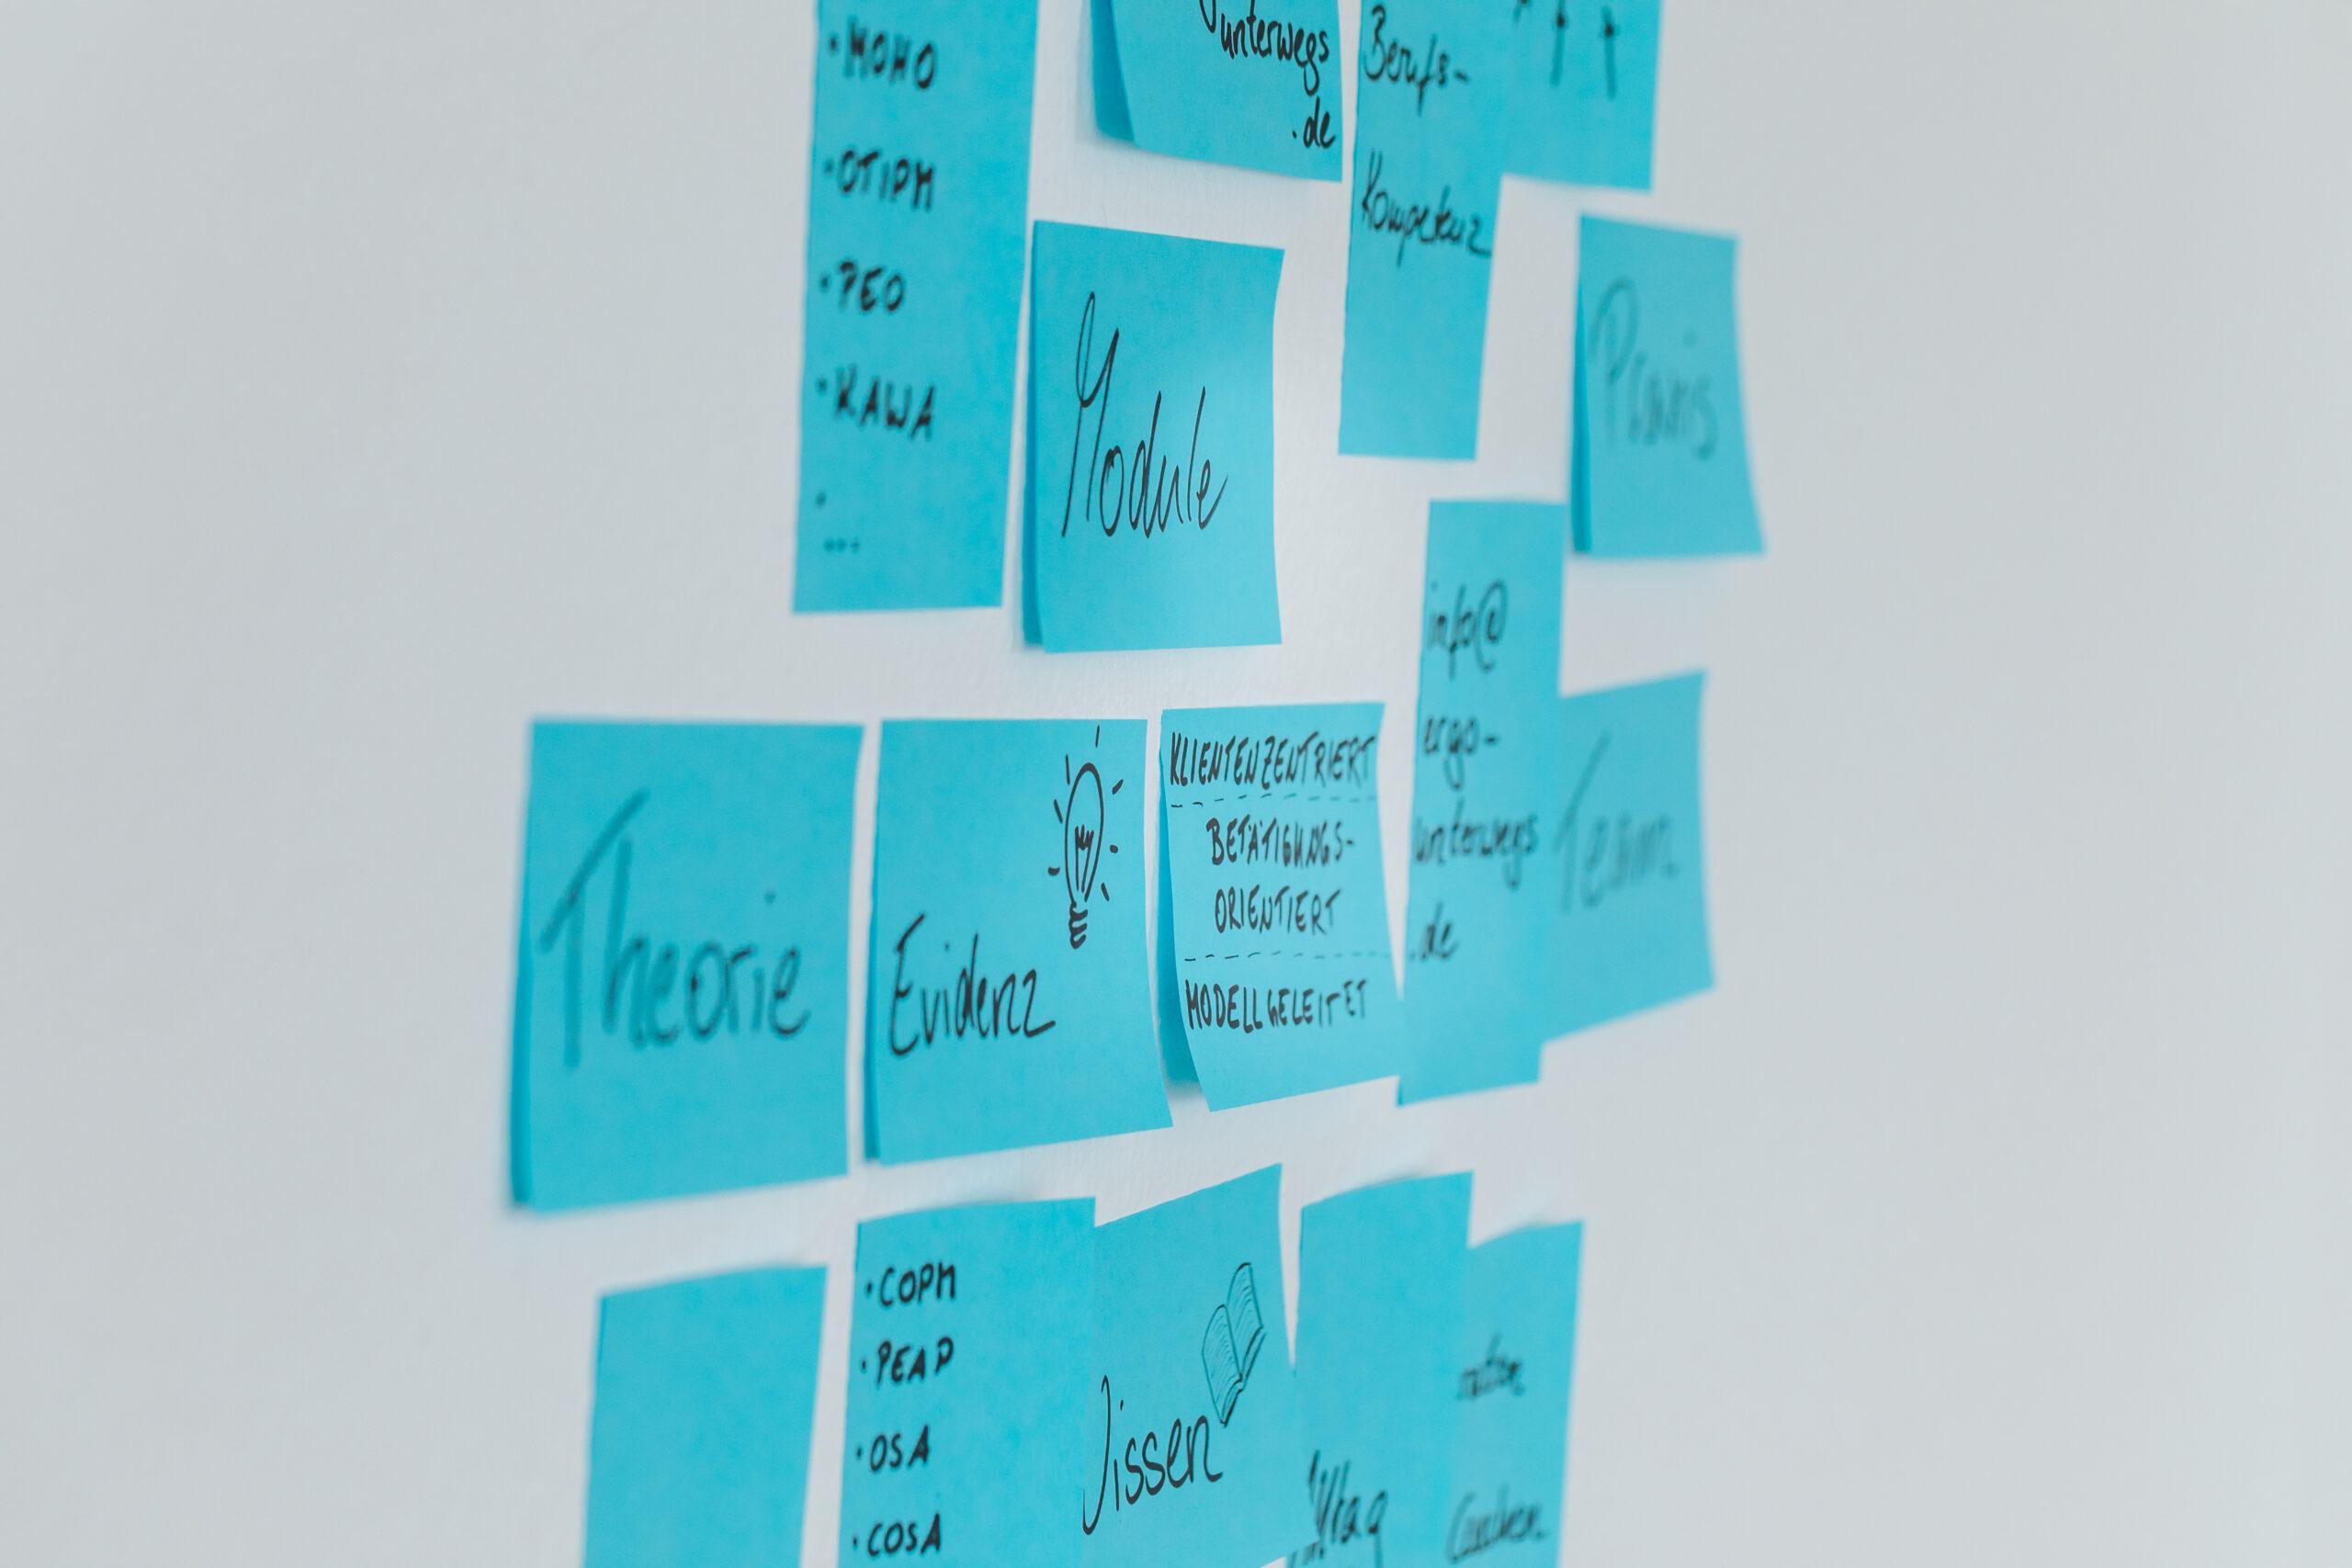 Blaue Postits kleben an einer weißen Wand. Auf den Postits ist das Ergo Unterwegs Logo zu sehen, außerdem die Begriffe Evidenz, Ergotherapie usw.